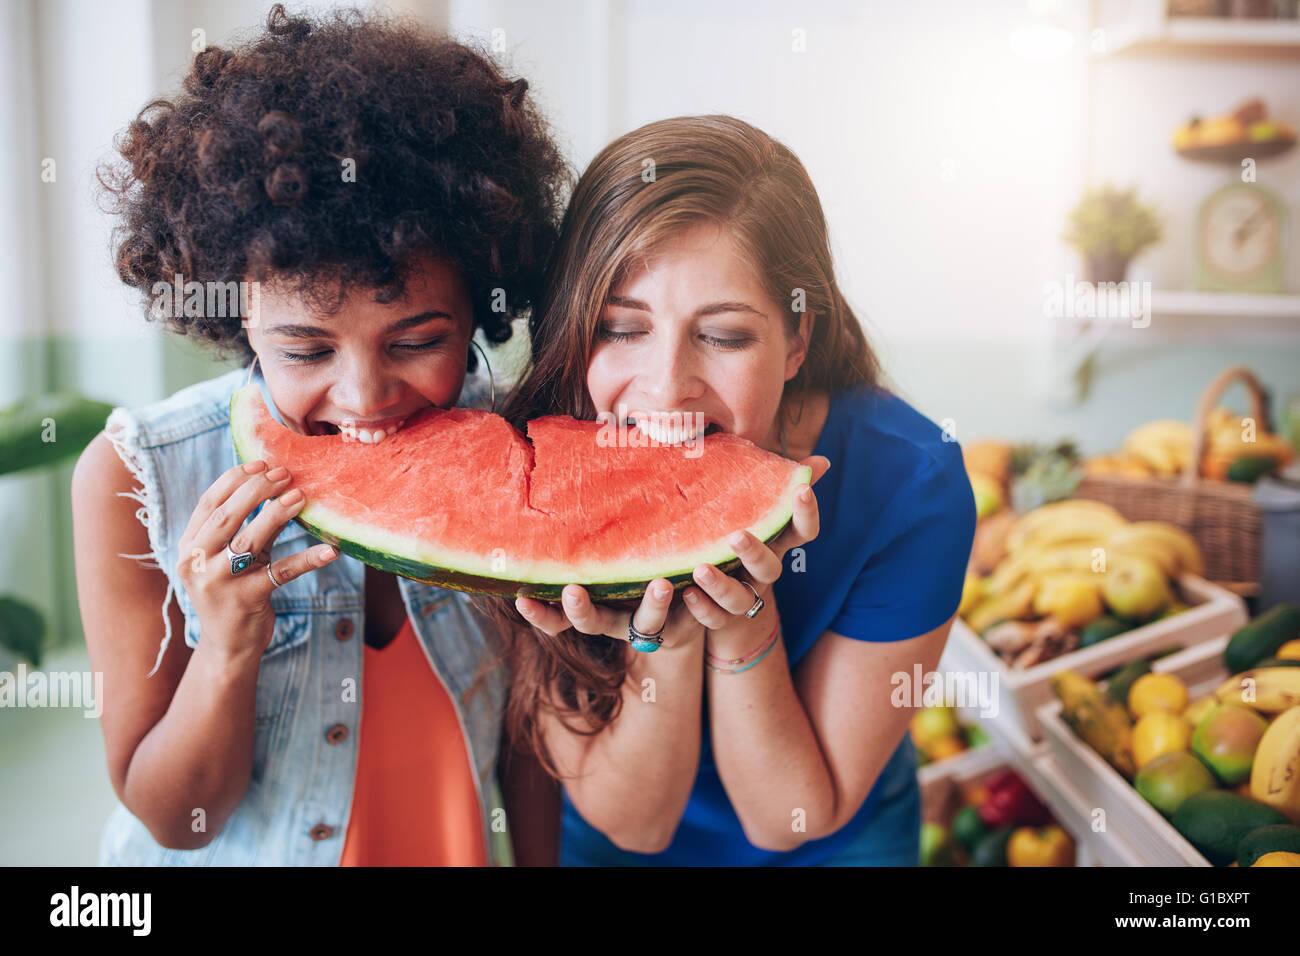 Zwei junge Frau Wassermelone essen und Spaß haben. Gemischte Rassen Freundinnen zusammen Essen ein Stück Wassermelone. Stockfoto